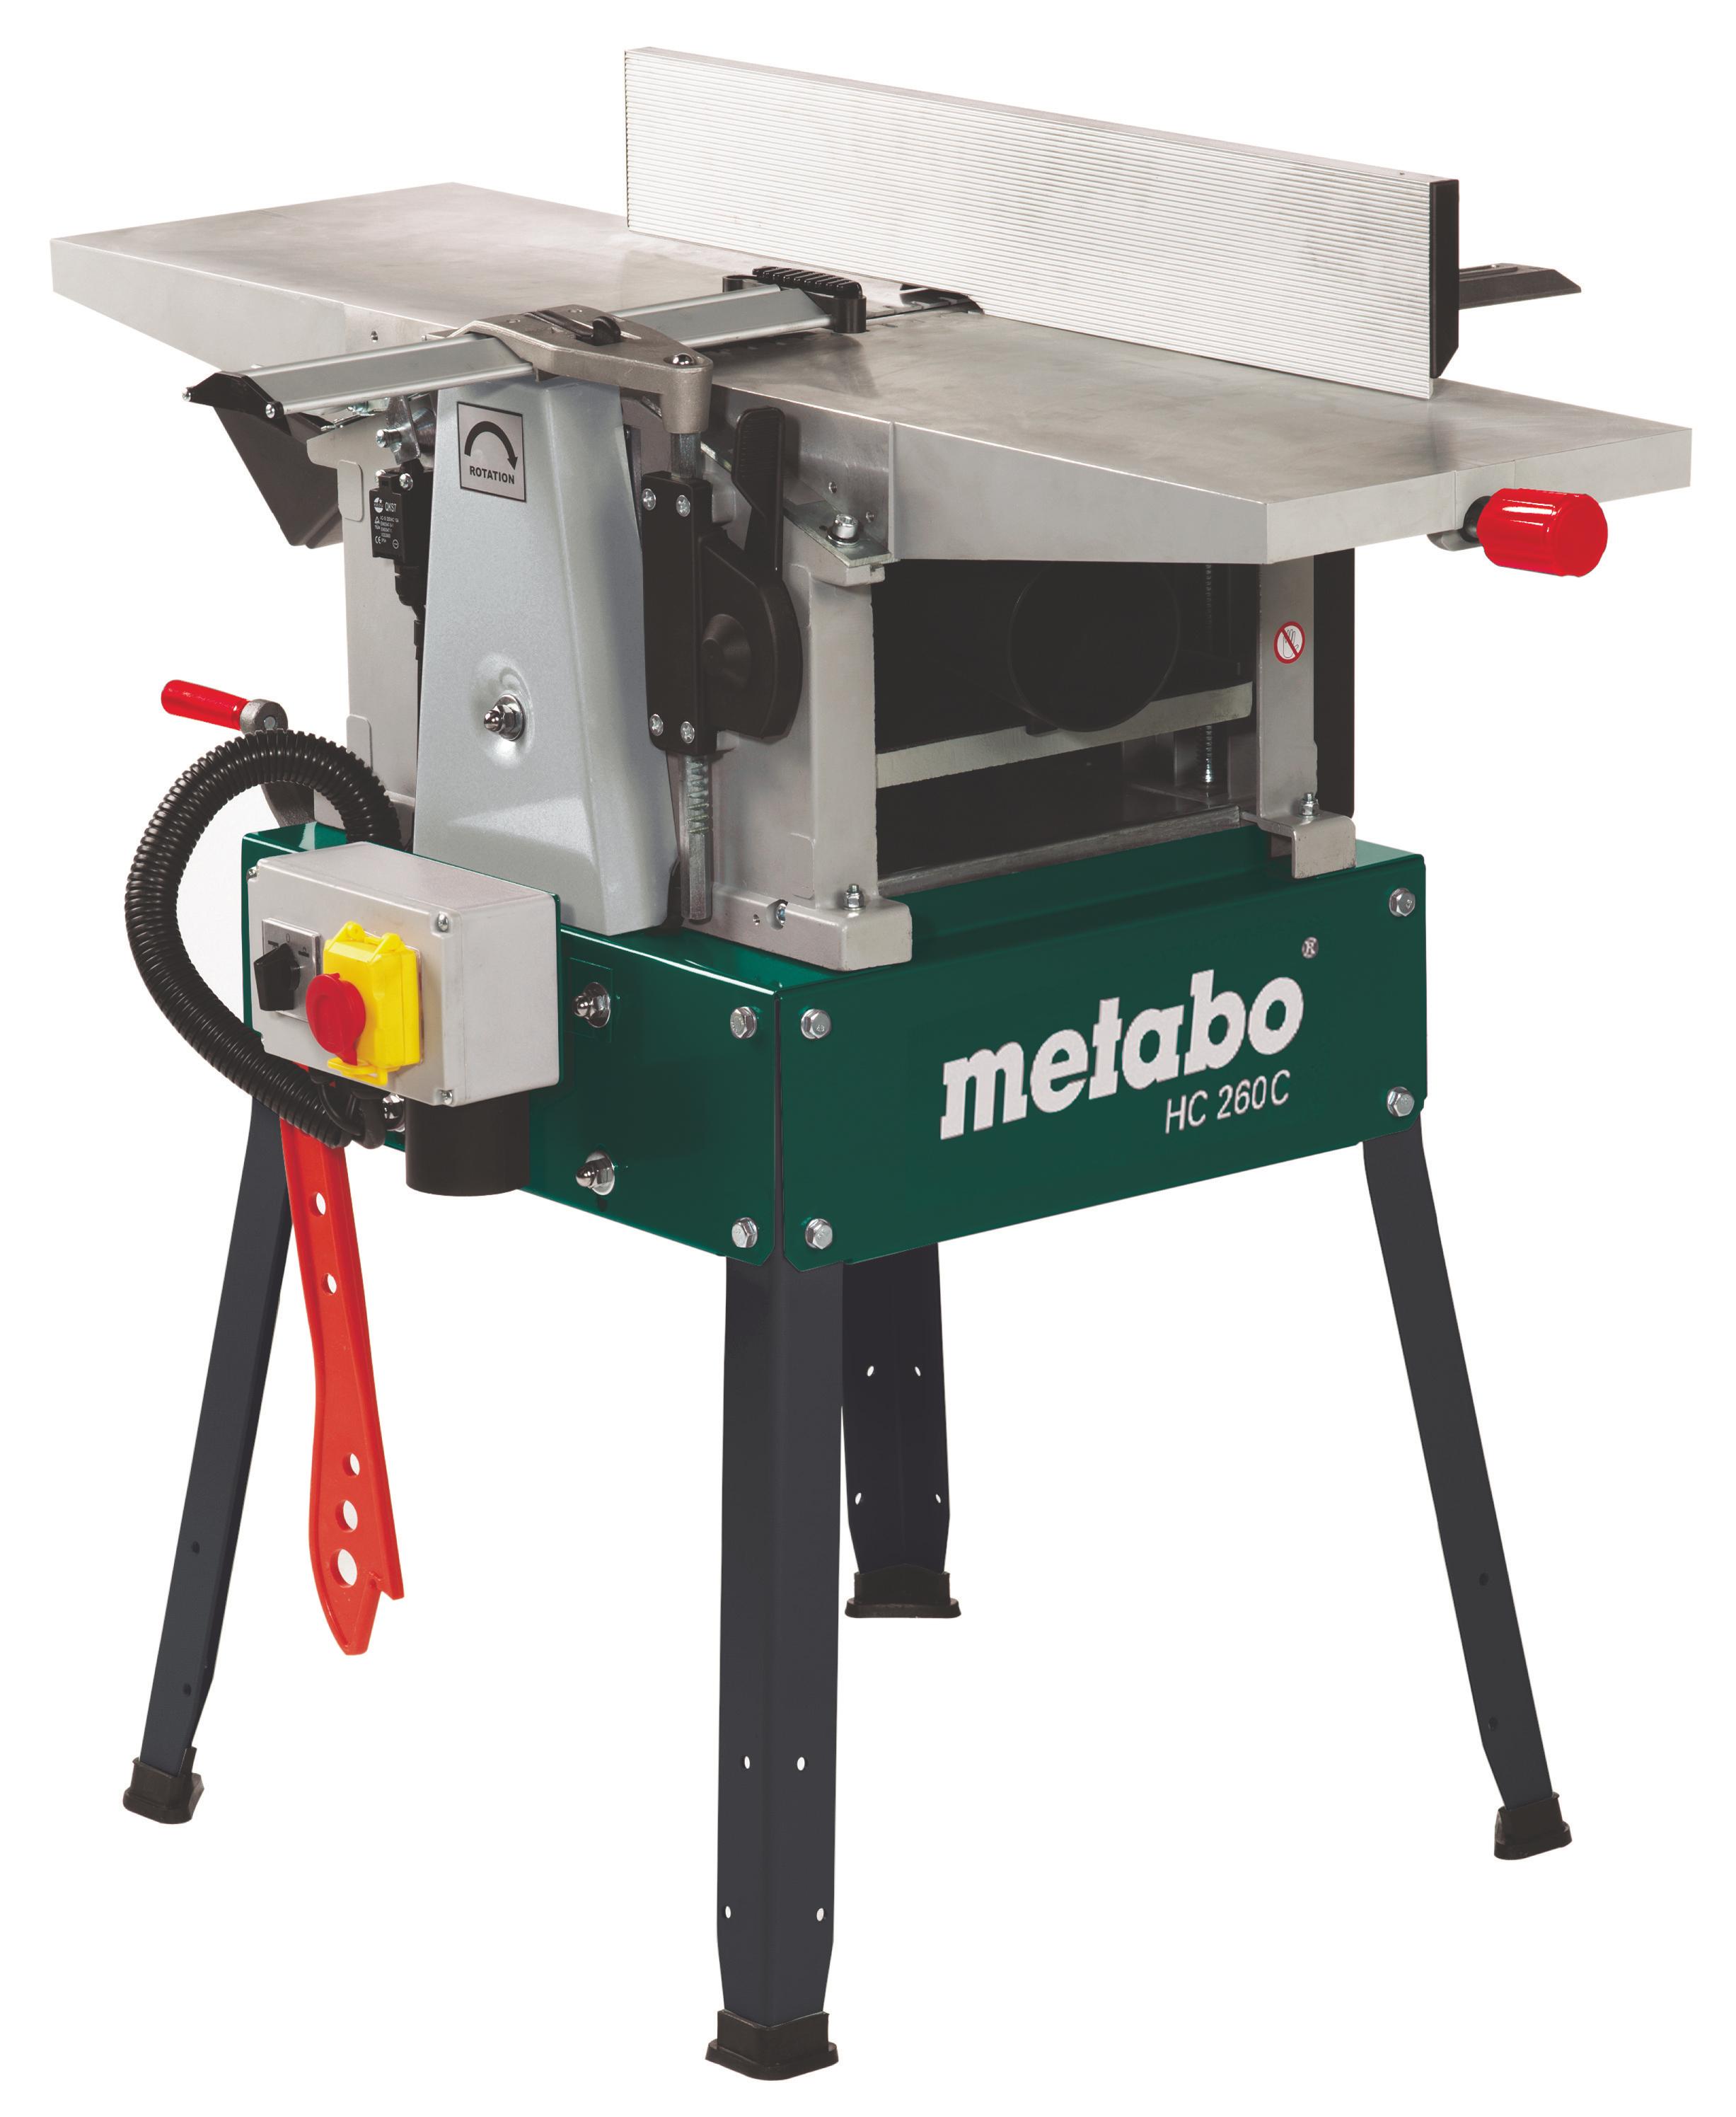 Станок фуговально-рейсмусовый Metabo Hc 260 c - 2,8 dnb